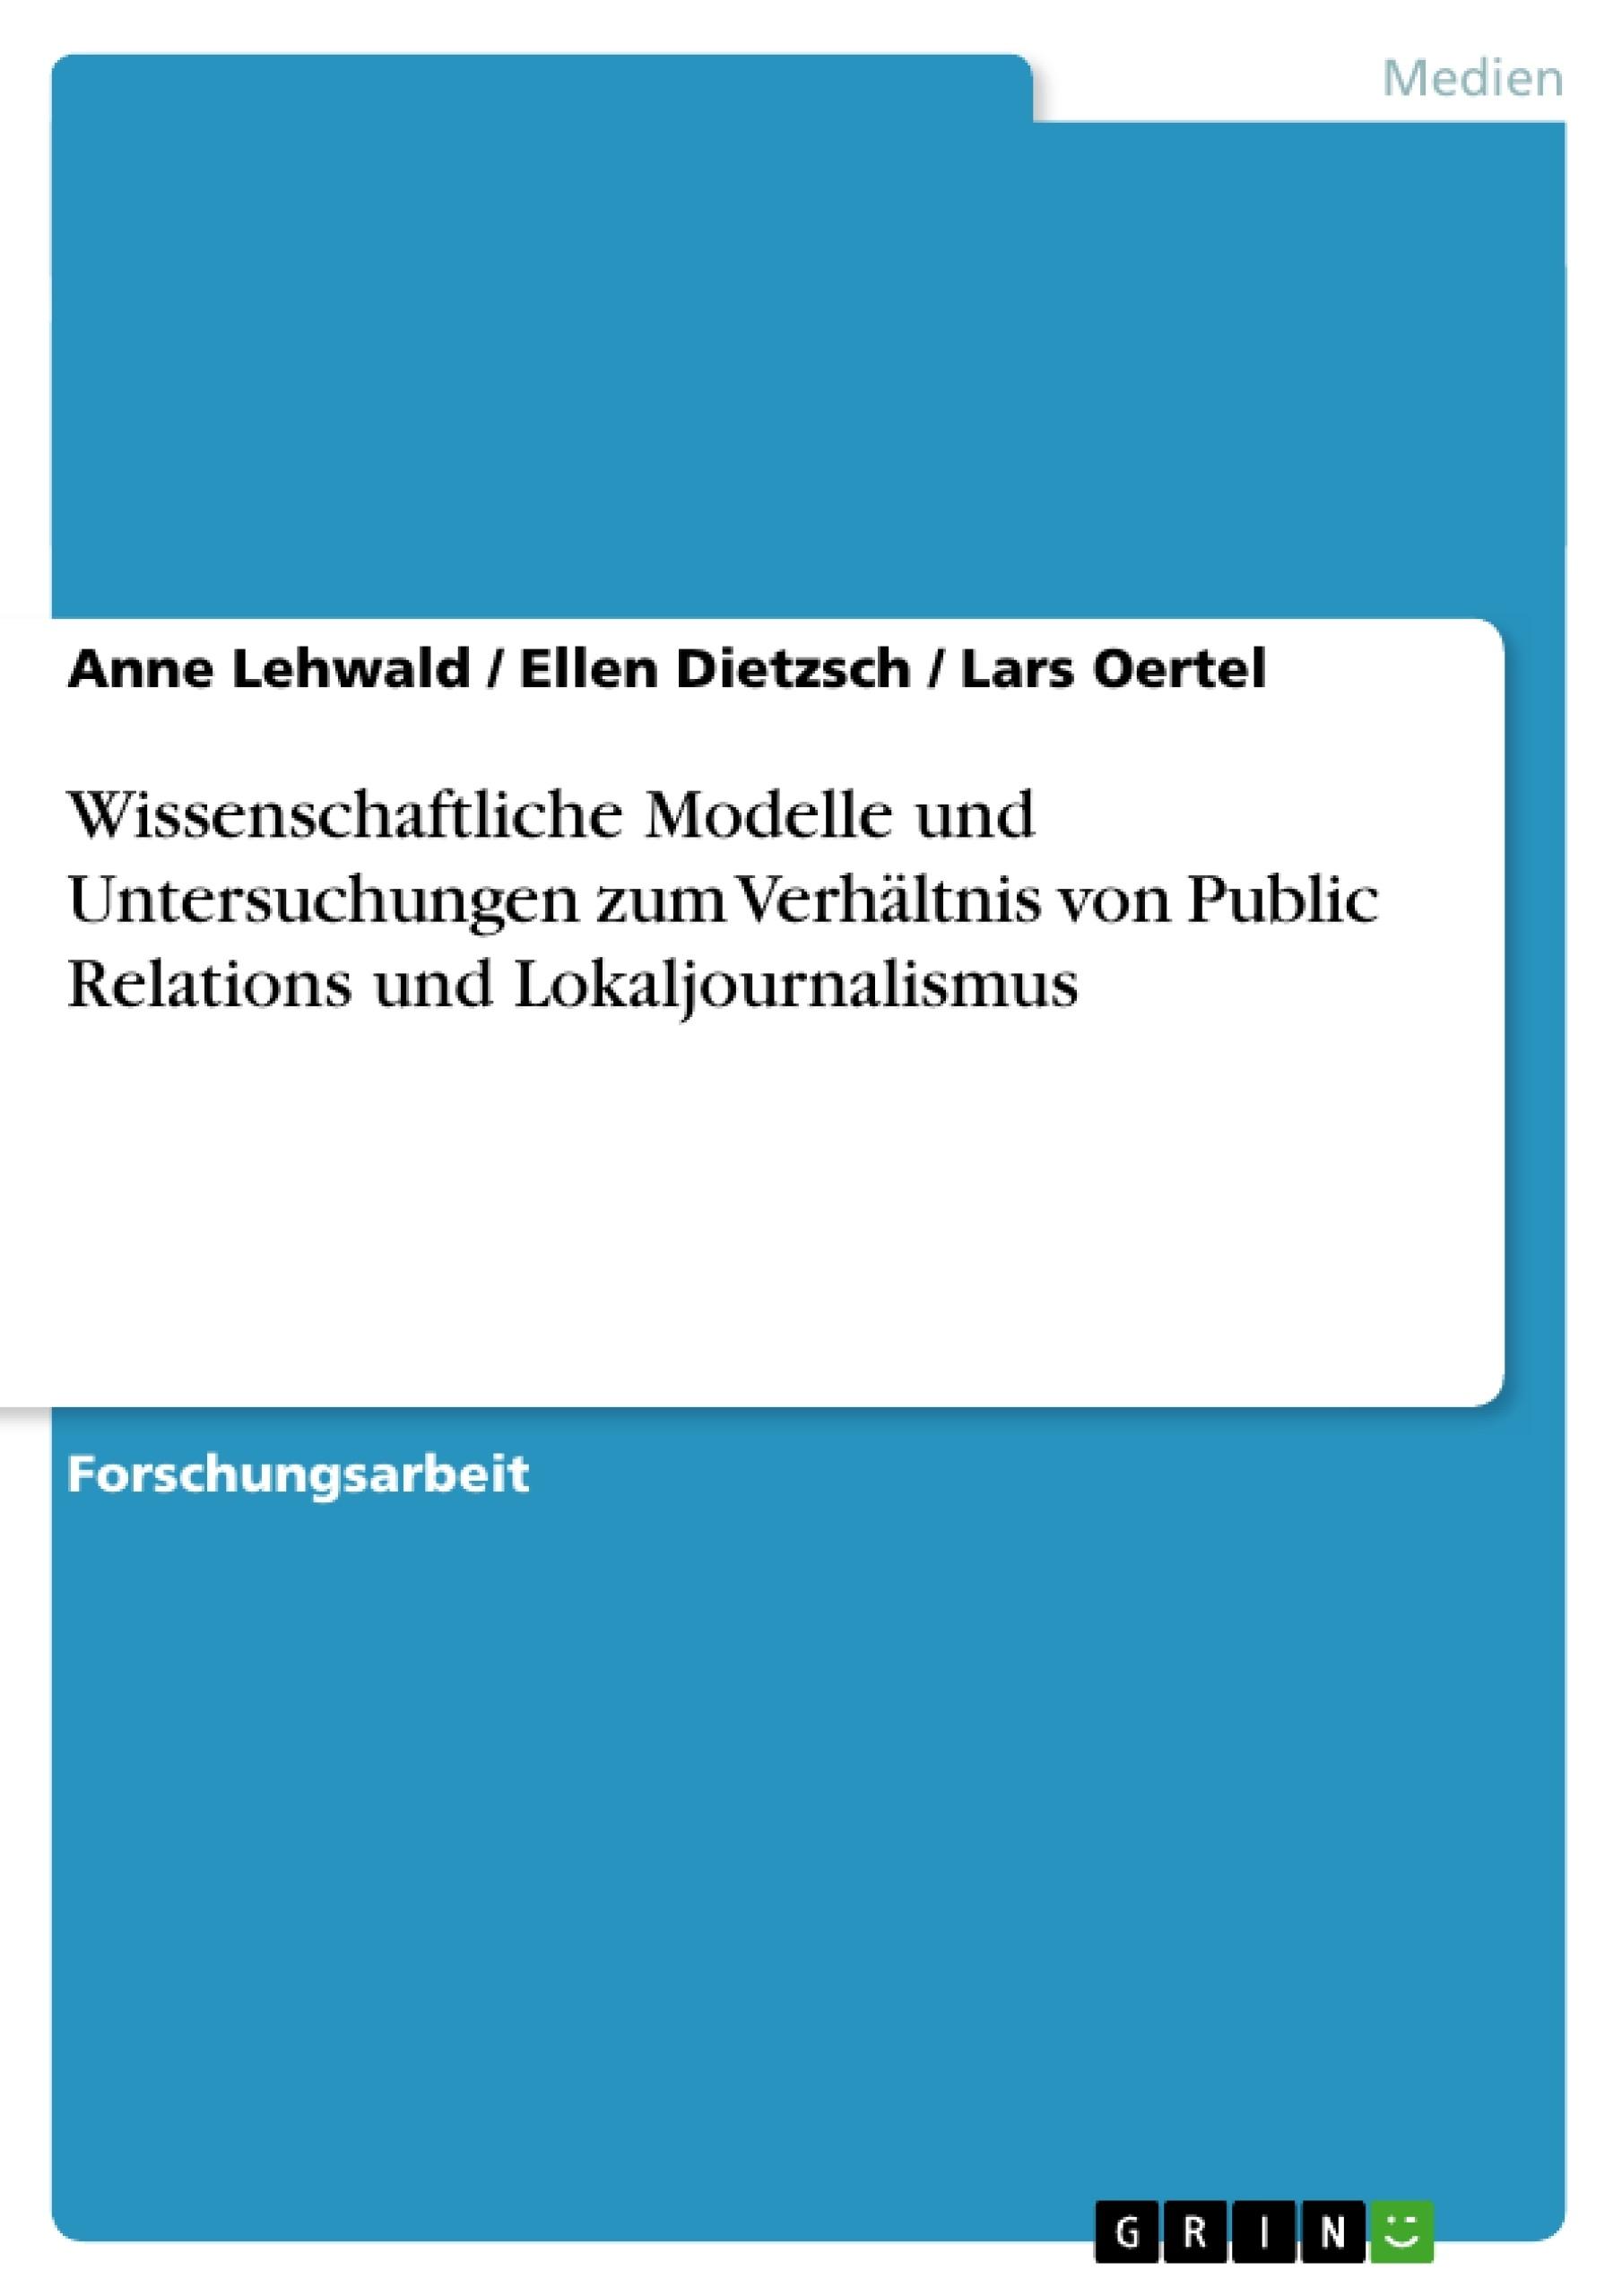 Titel: Wissenschaftliche Modelle und Untersuchungen zum Verhältnis von Public Relations und Lokaljournalismus